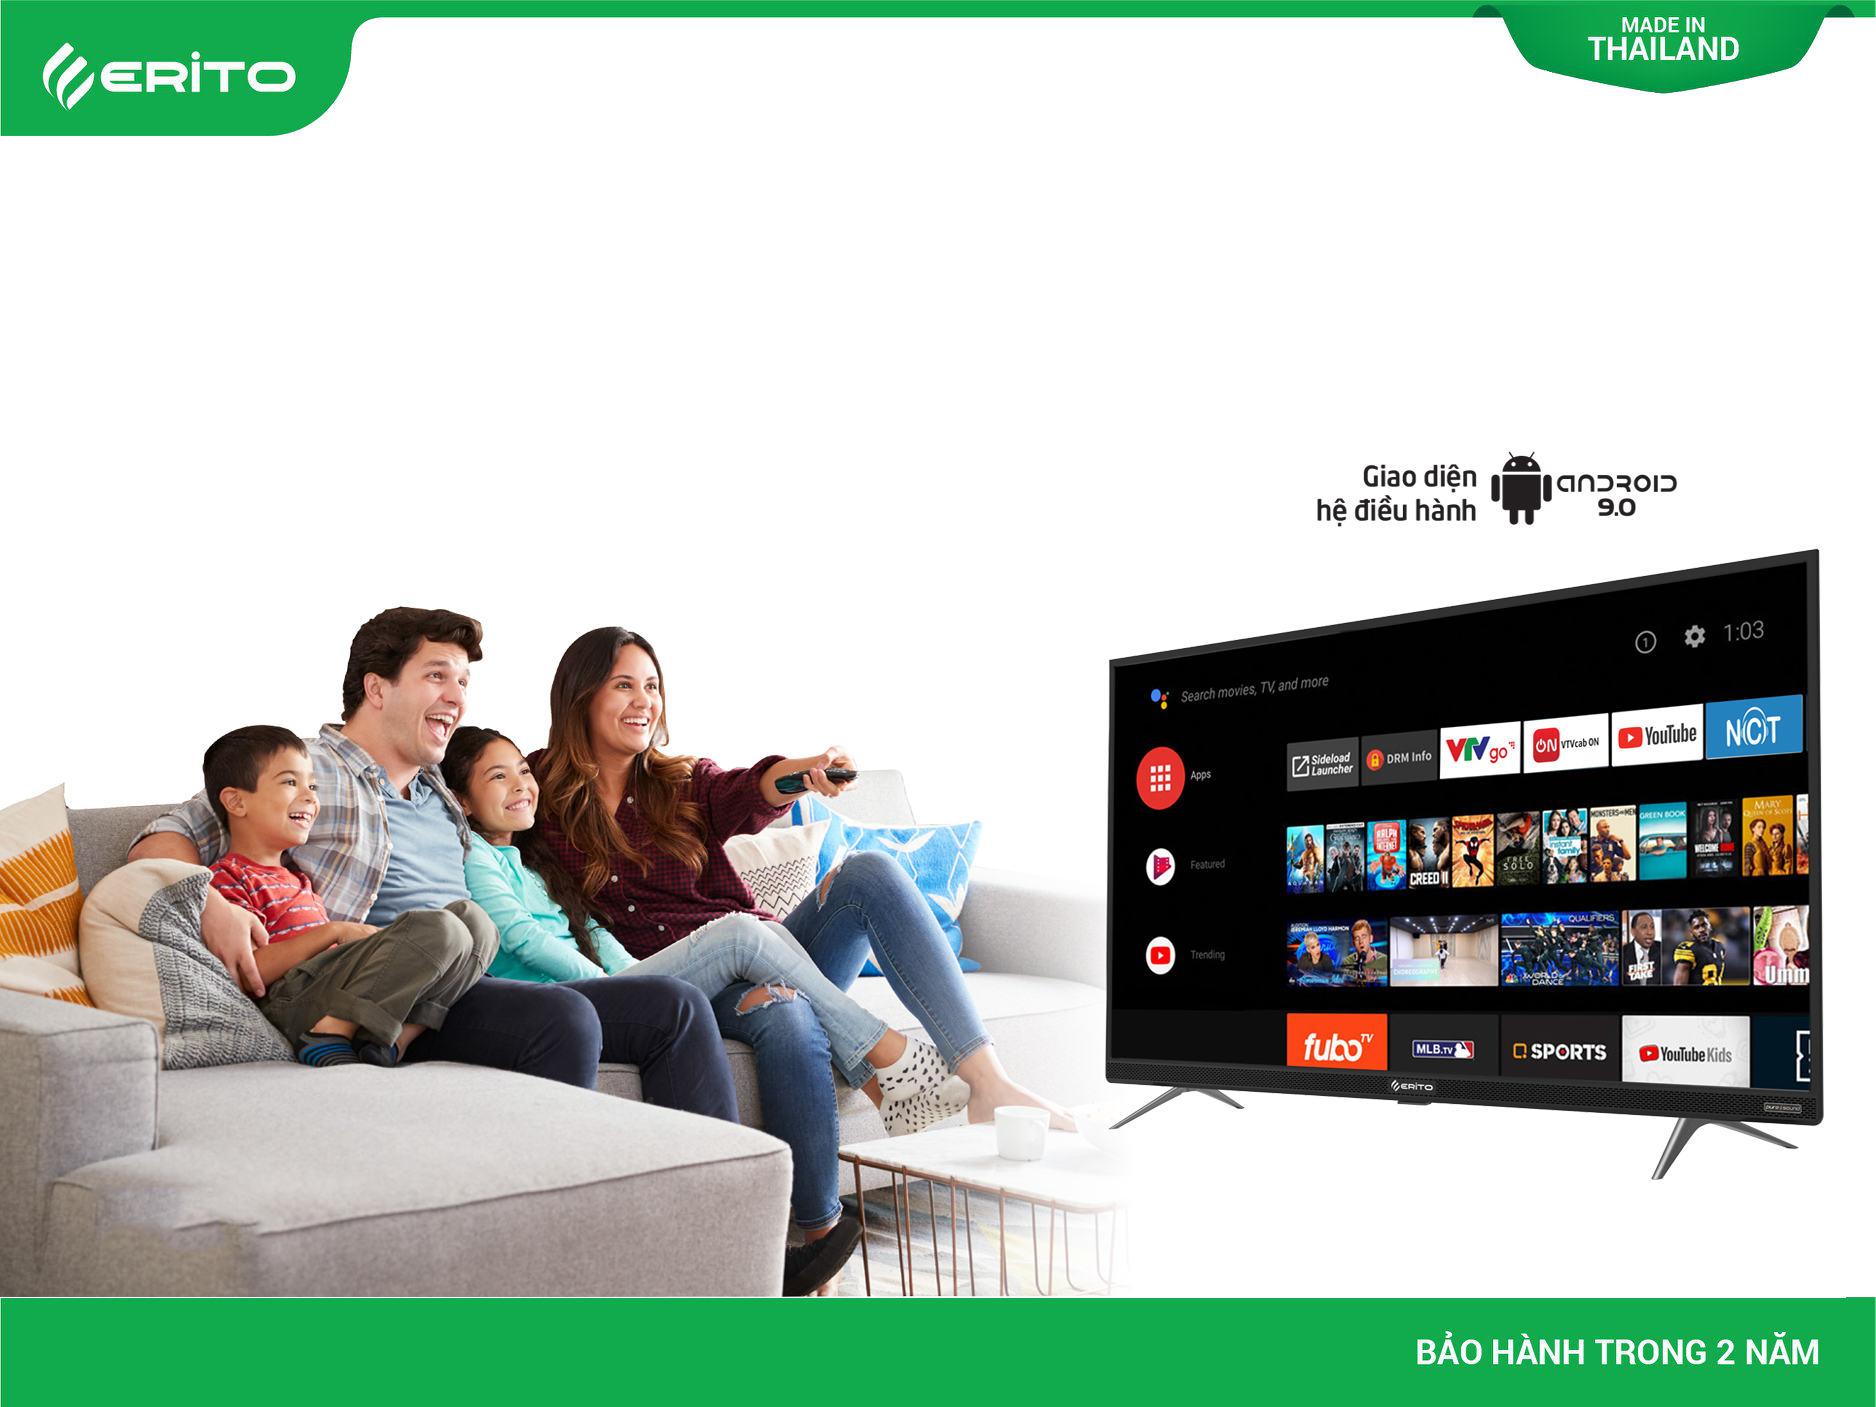 KHO ỨNG DỤNG TRÊN ERITO SMART TV THU HÚT MỌI GIA ĐÌNH VIỆT